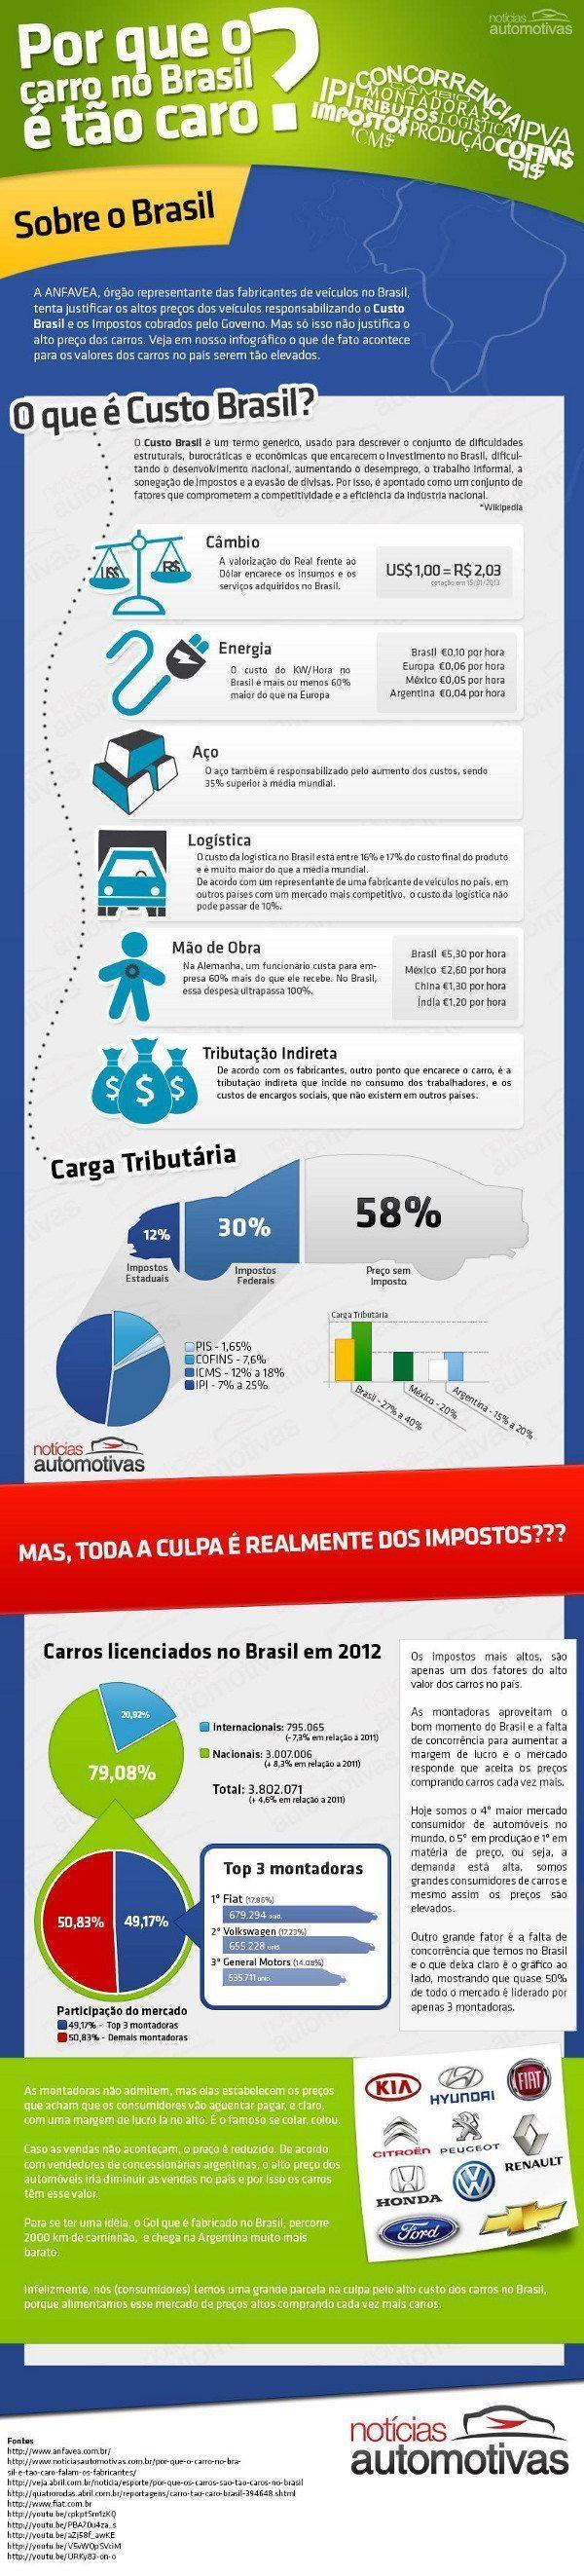 Infográfico publicado no blog Notícias Automotivas